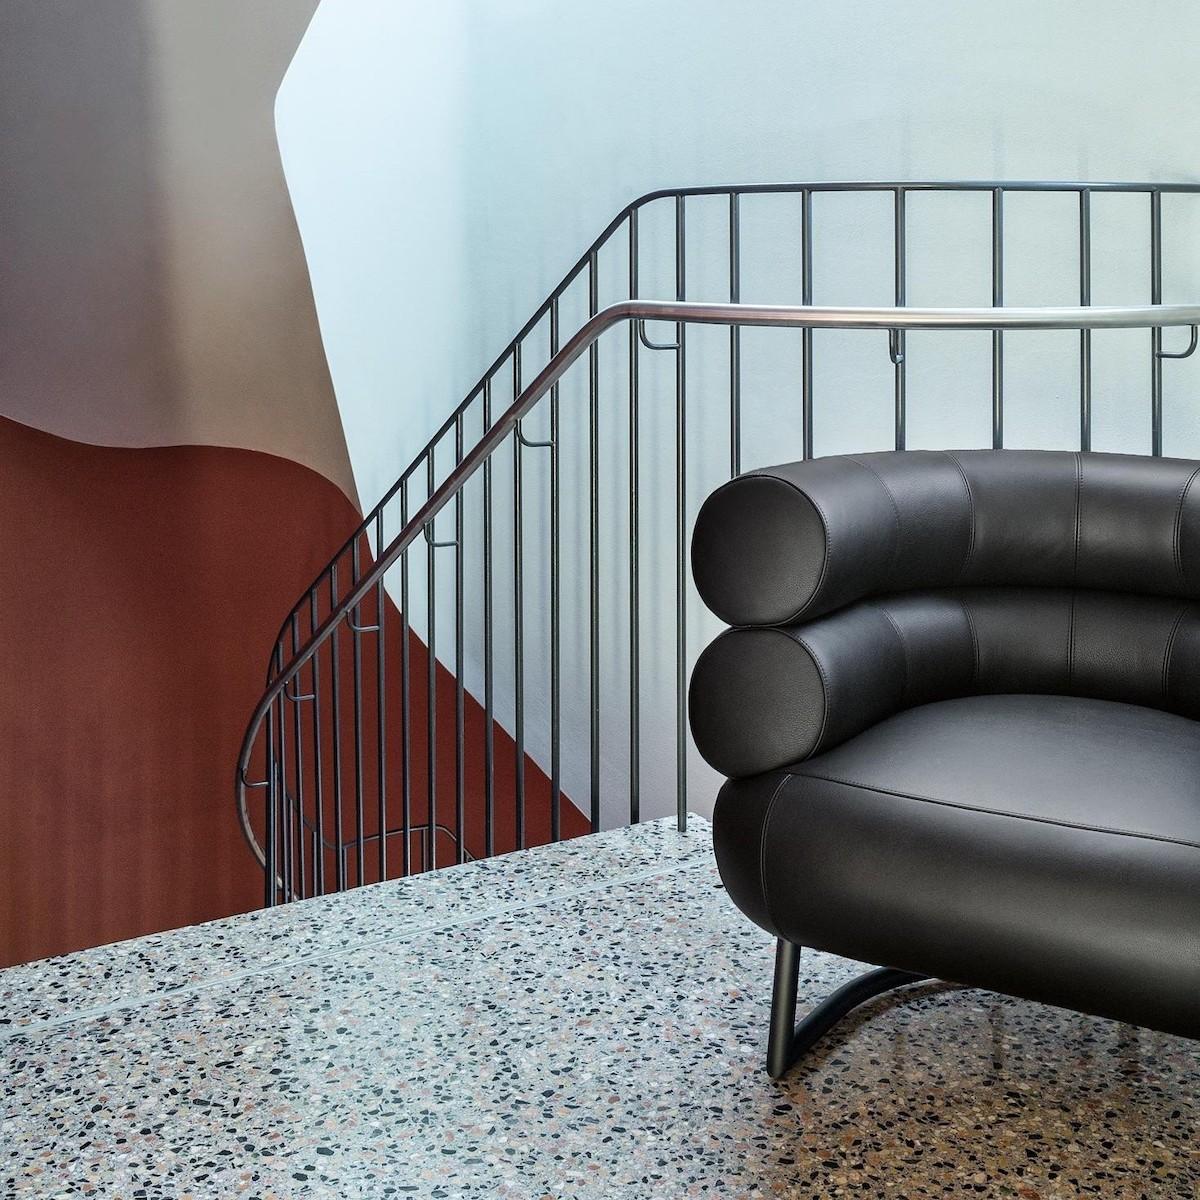 cage d escalier chaise fauteuil cuir noir bourrelet - blog déco - clemaroundthecorner